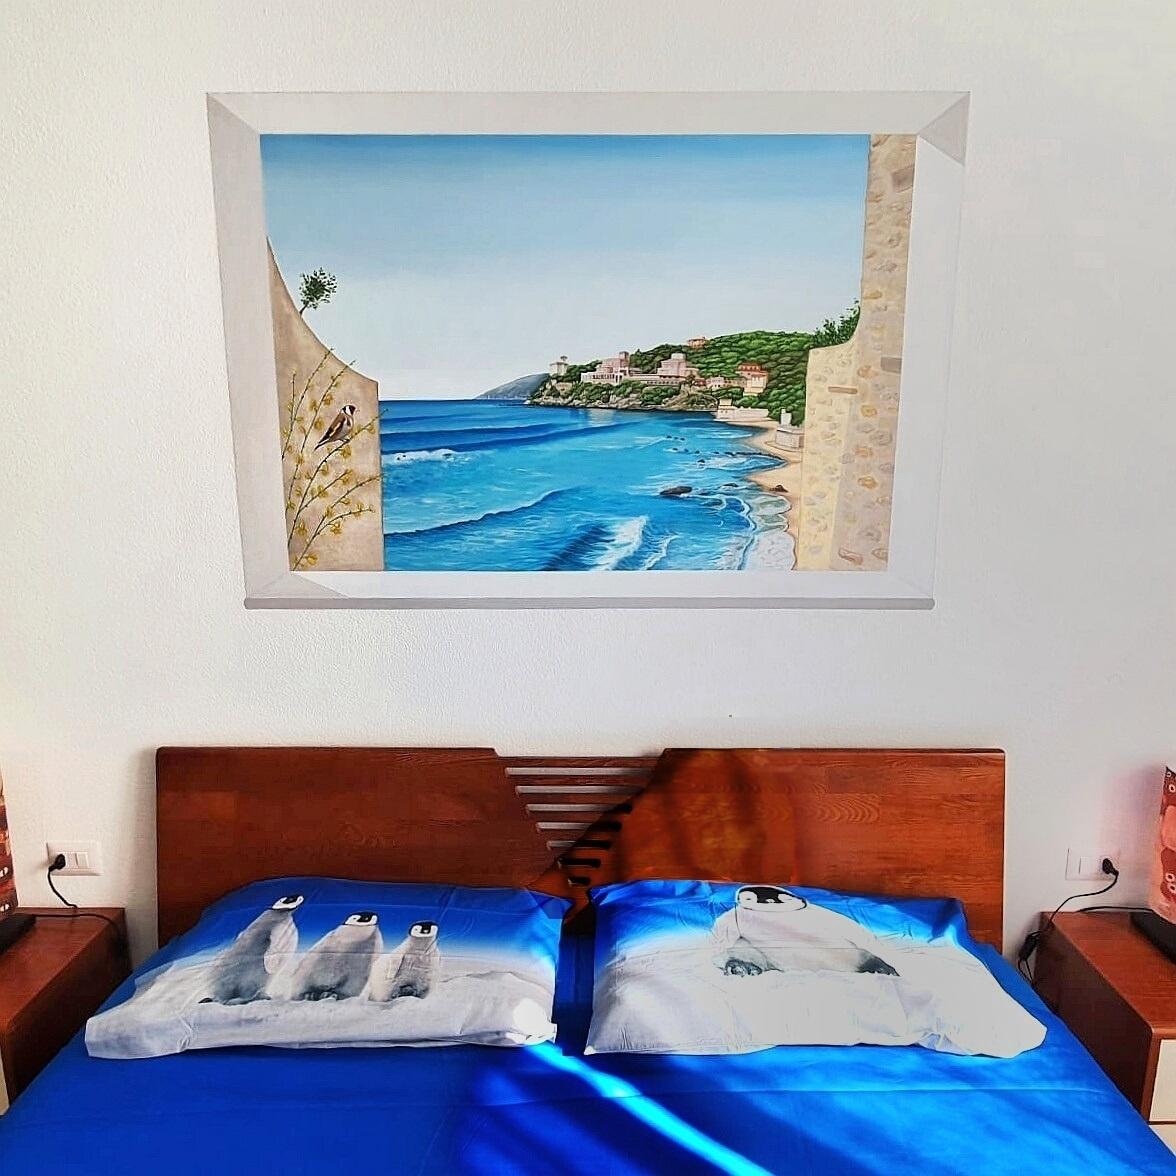 camera da letto+Chiara Lanari